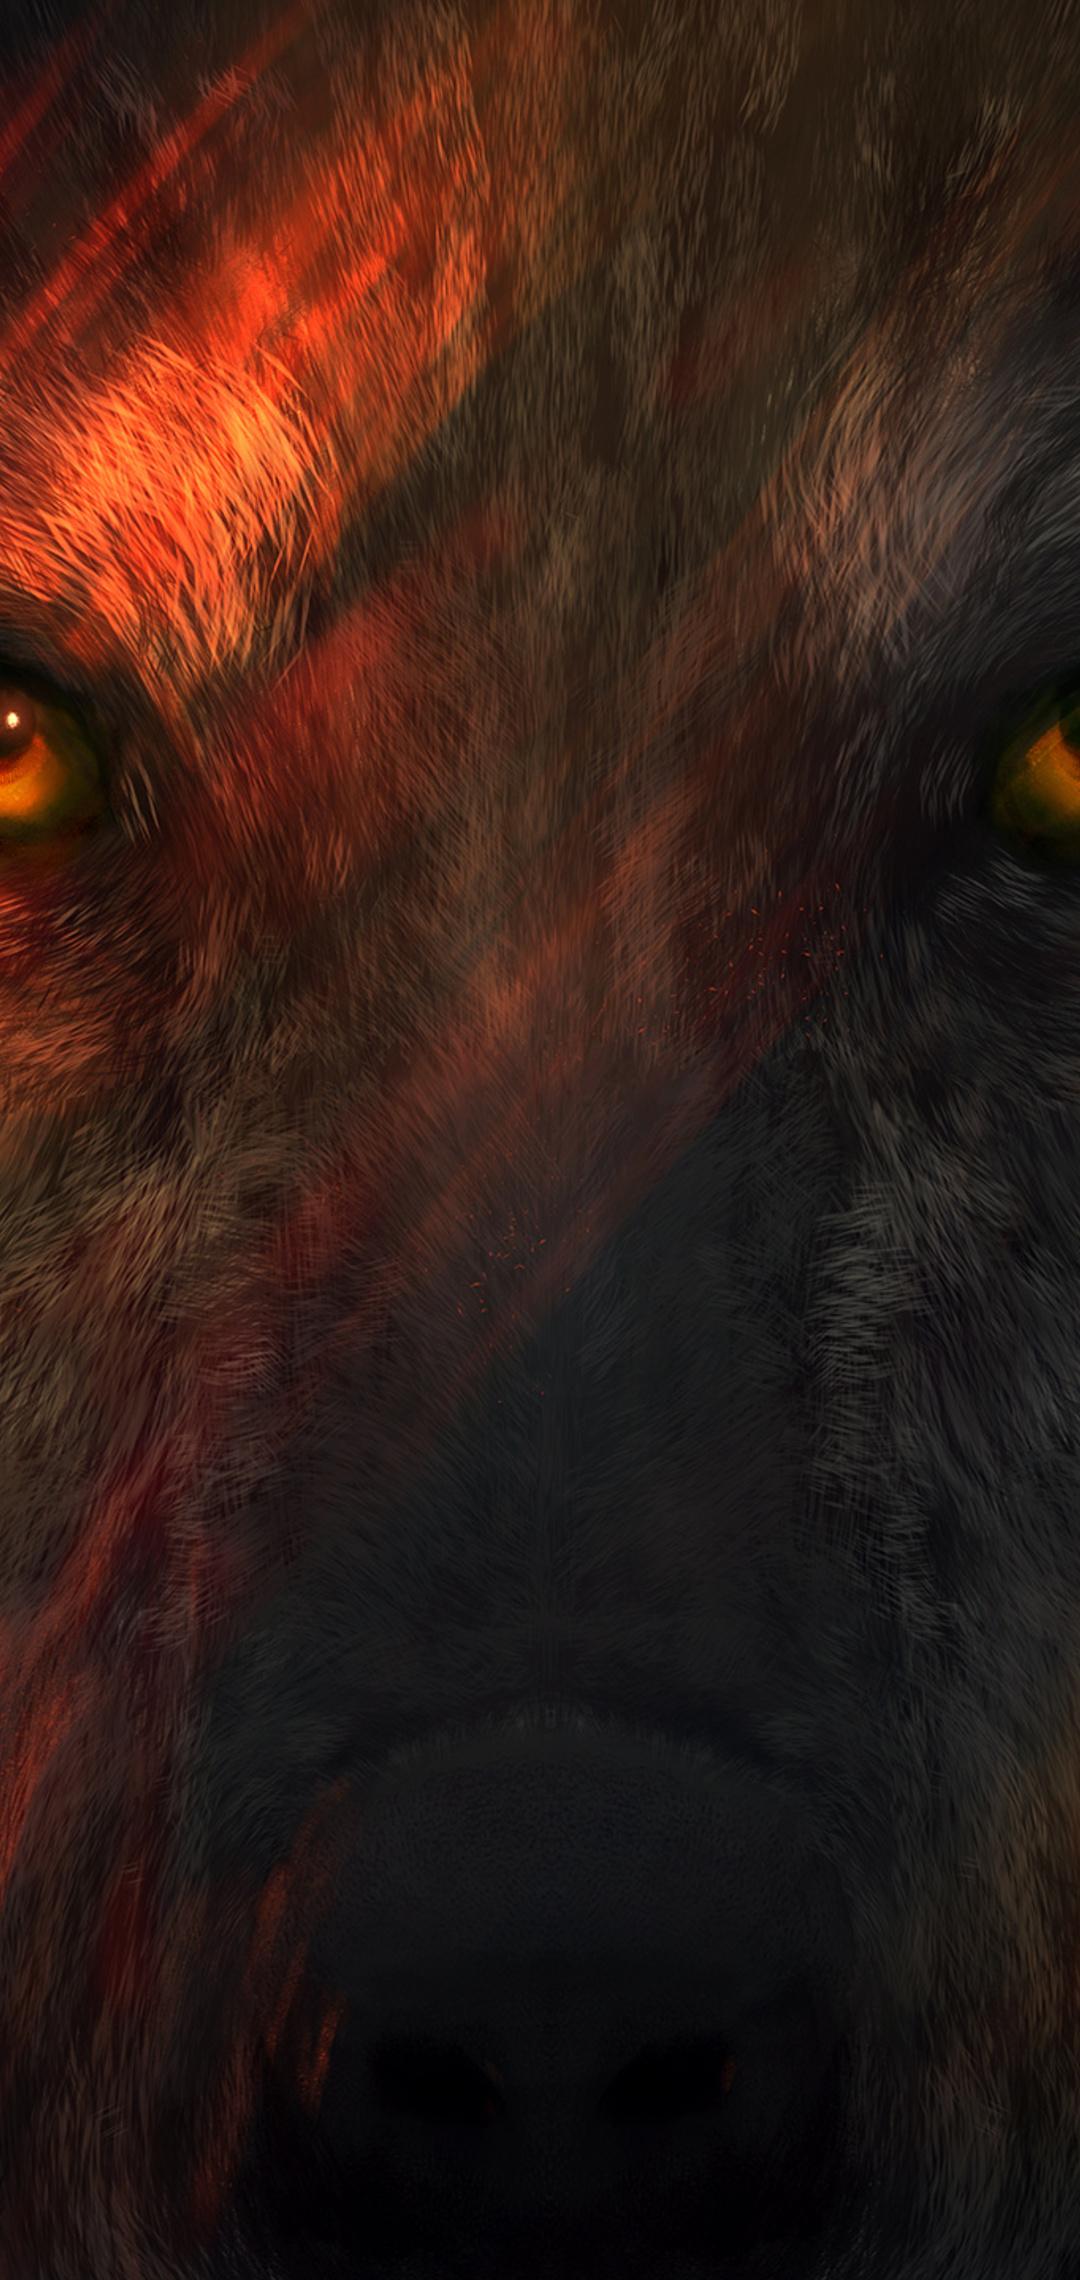 wild-wolf-eyes-8c.jpg